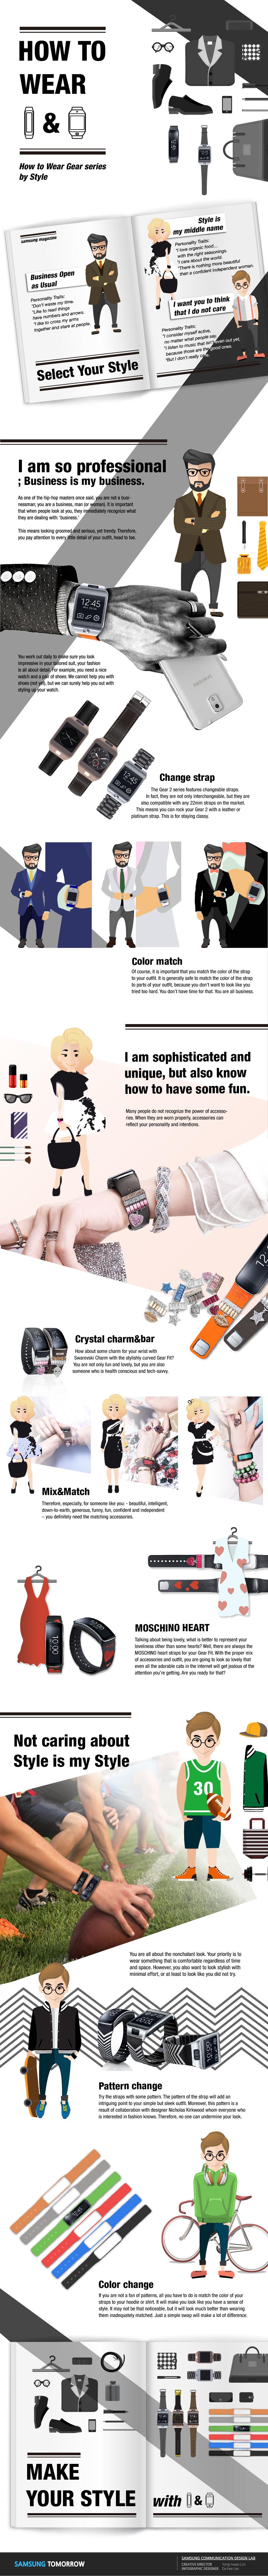 [Инфографика] Умный и стильный: Как подобрать часы Gear или браслет Gear Fit под одежду